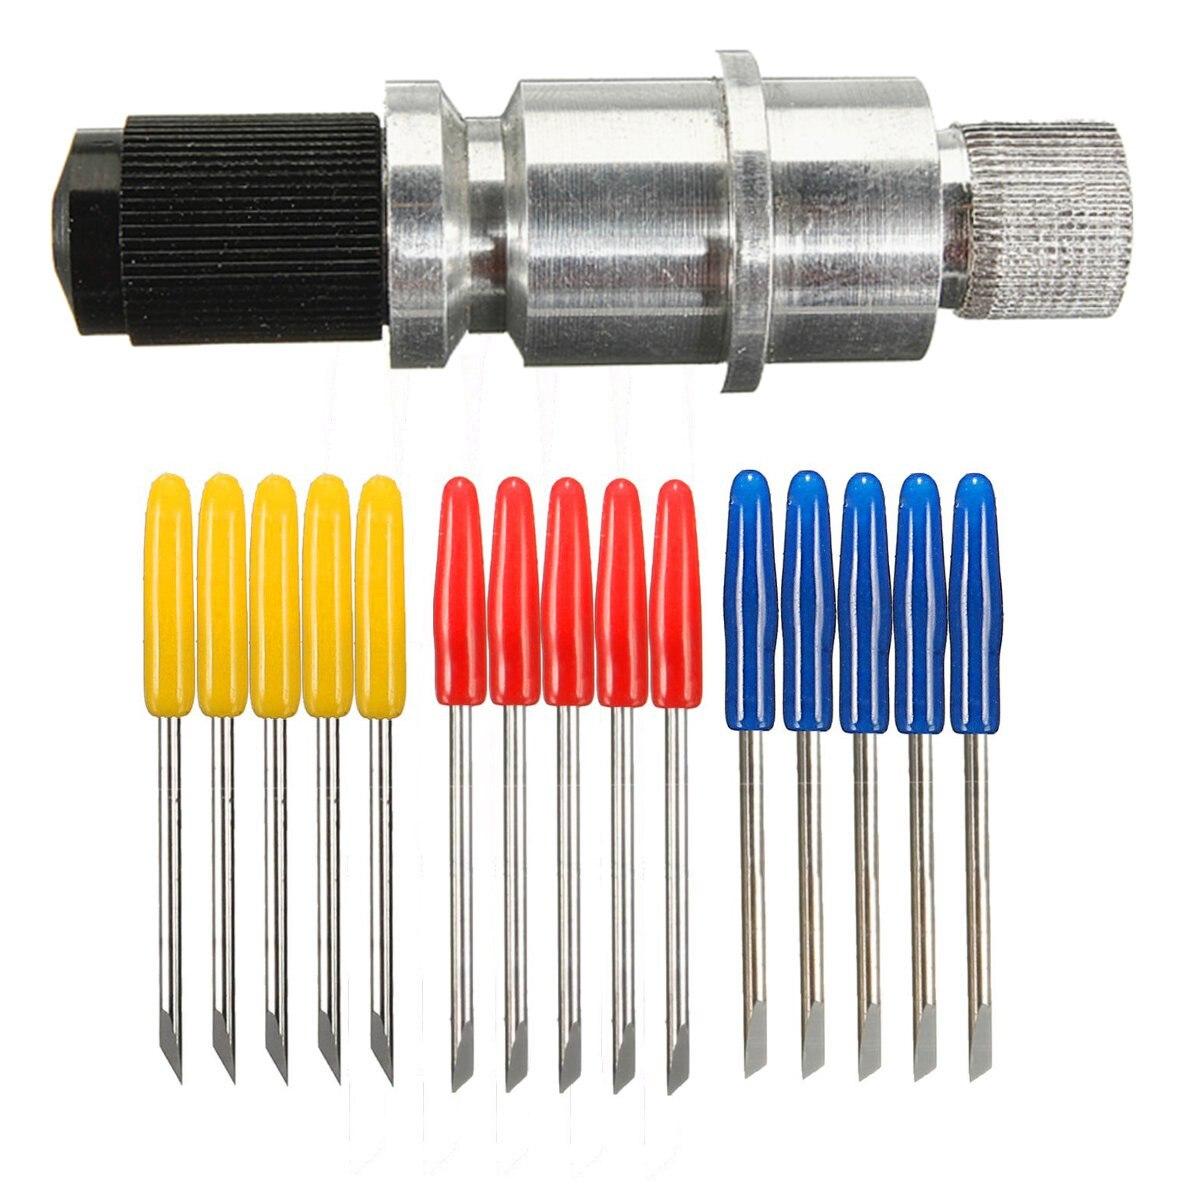 5 pces 30/45/60 graus de vinil cortador plotter lâminas + suporte da lâmina para graphtec cb09 tungstênio aço fresa